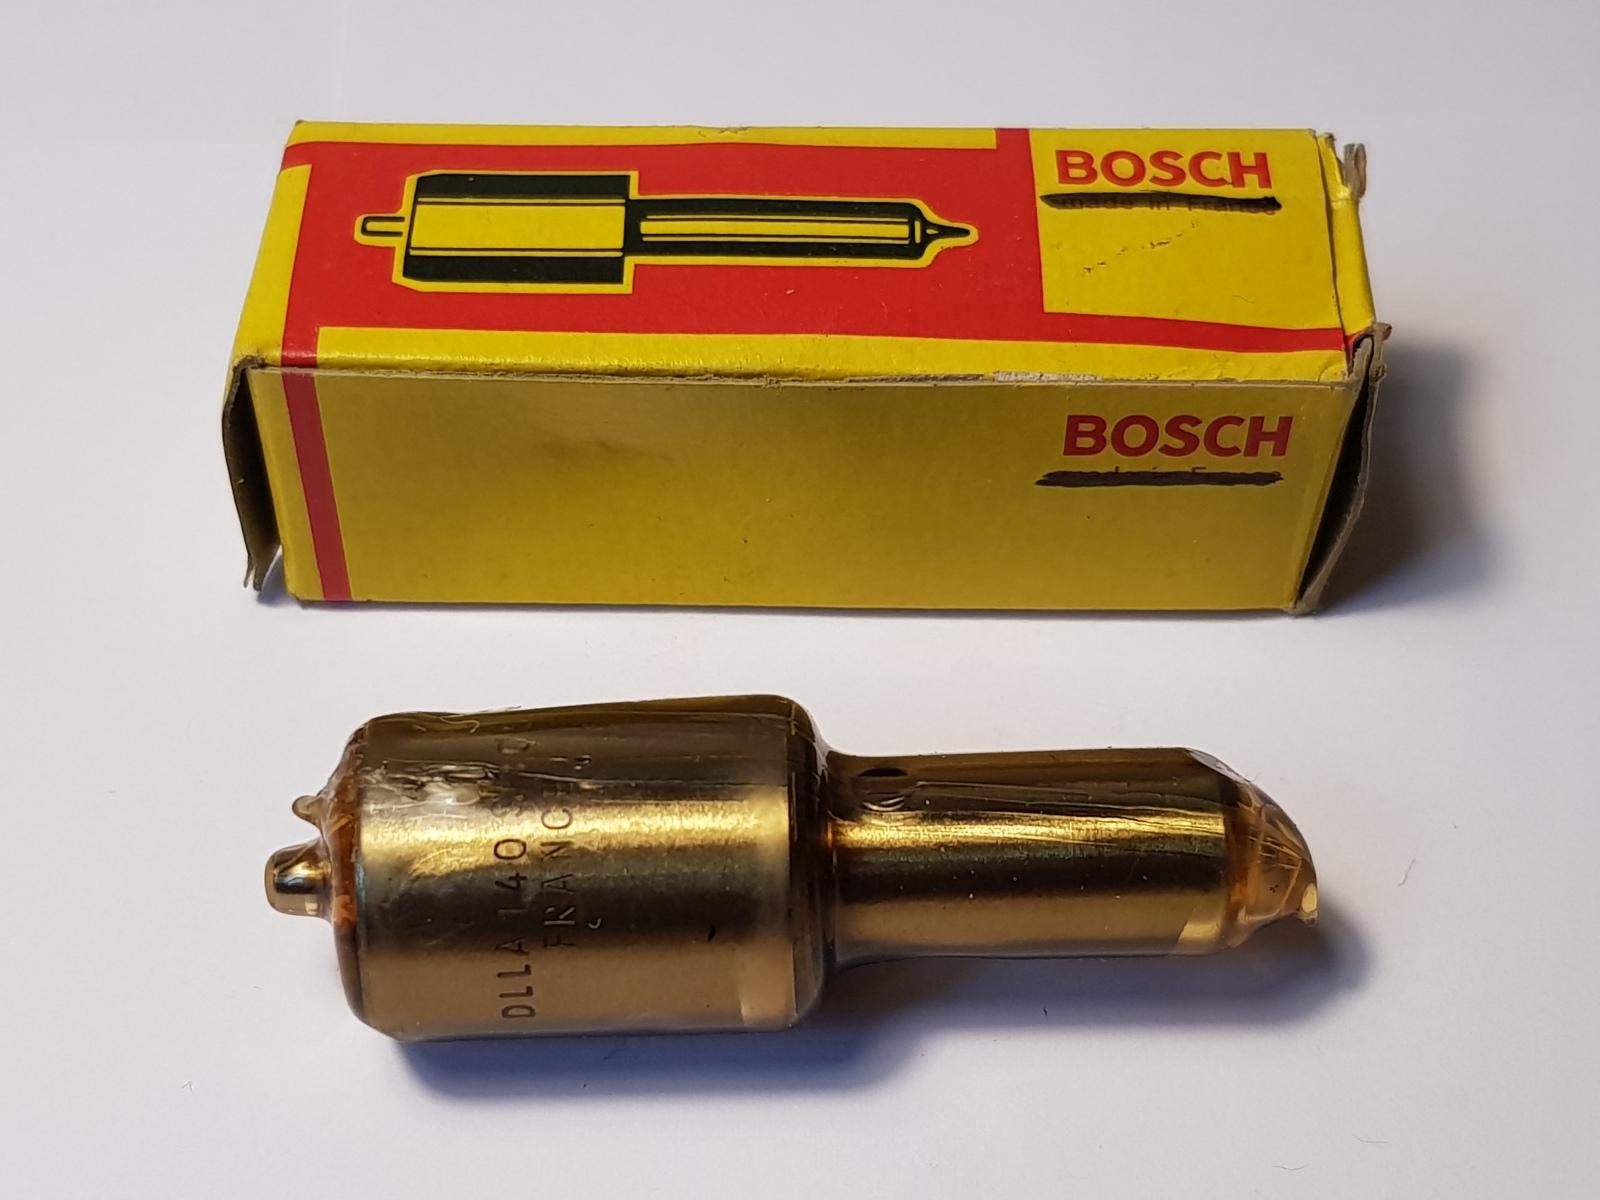 Bosch  Einspritzdüse 0433271112 DLLA140S305 Klasse 1 Sacklochdüse Diesel